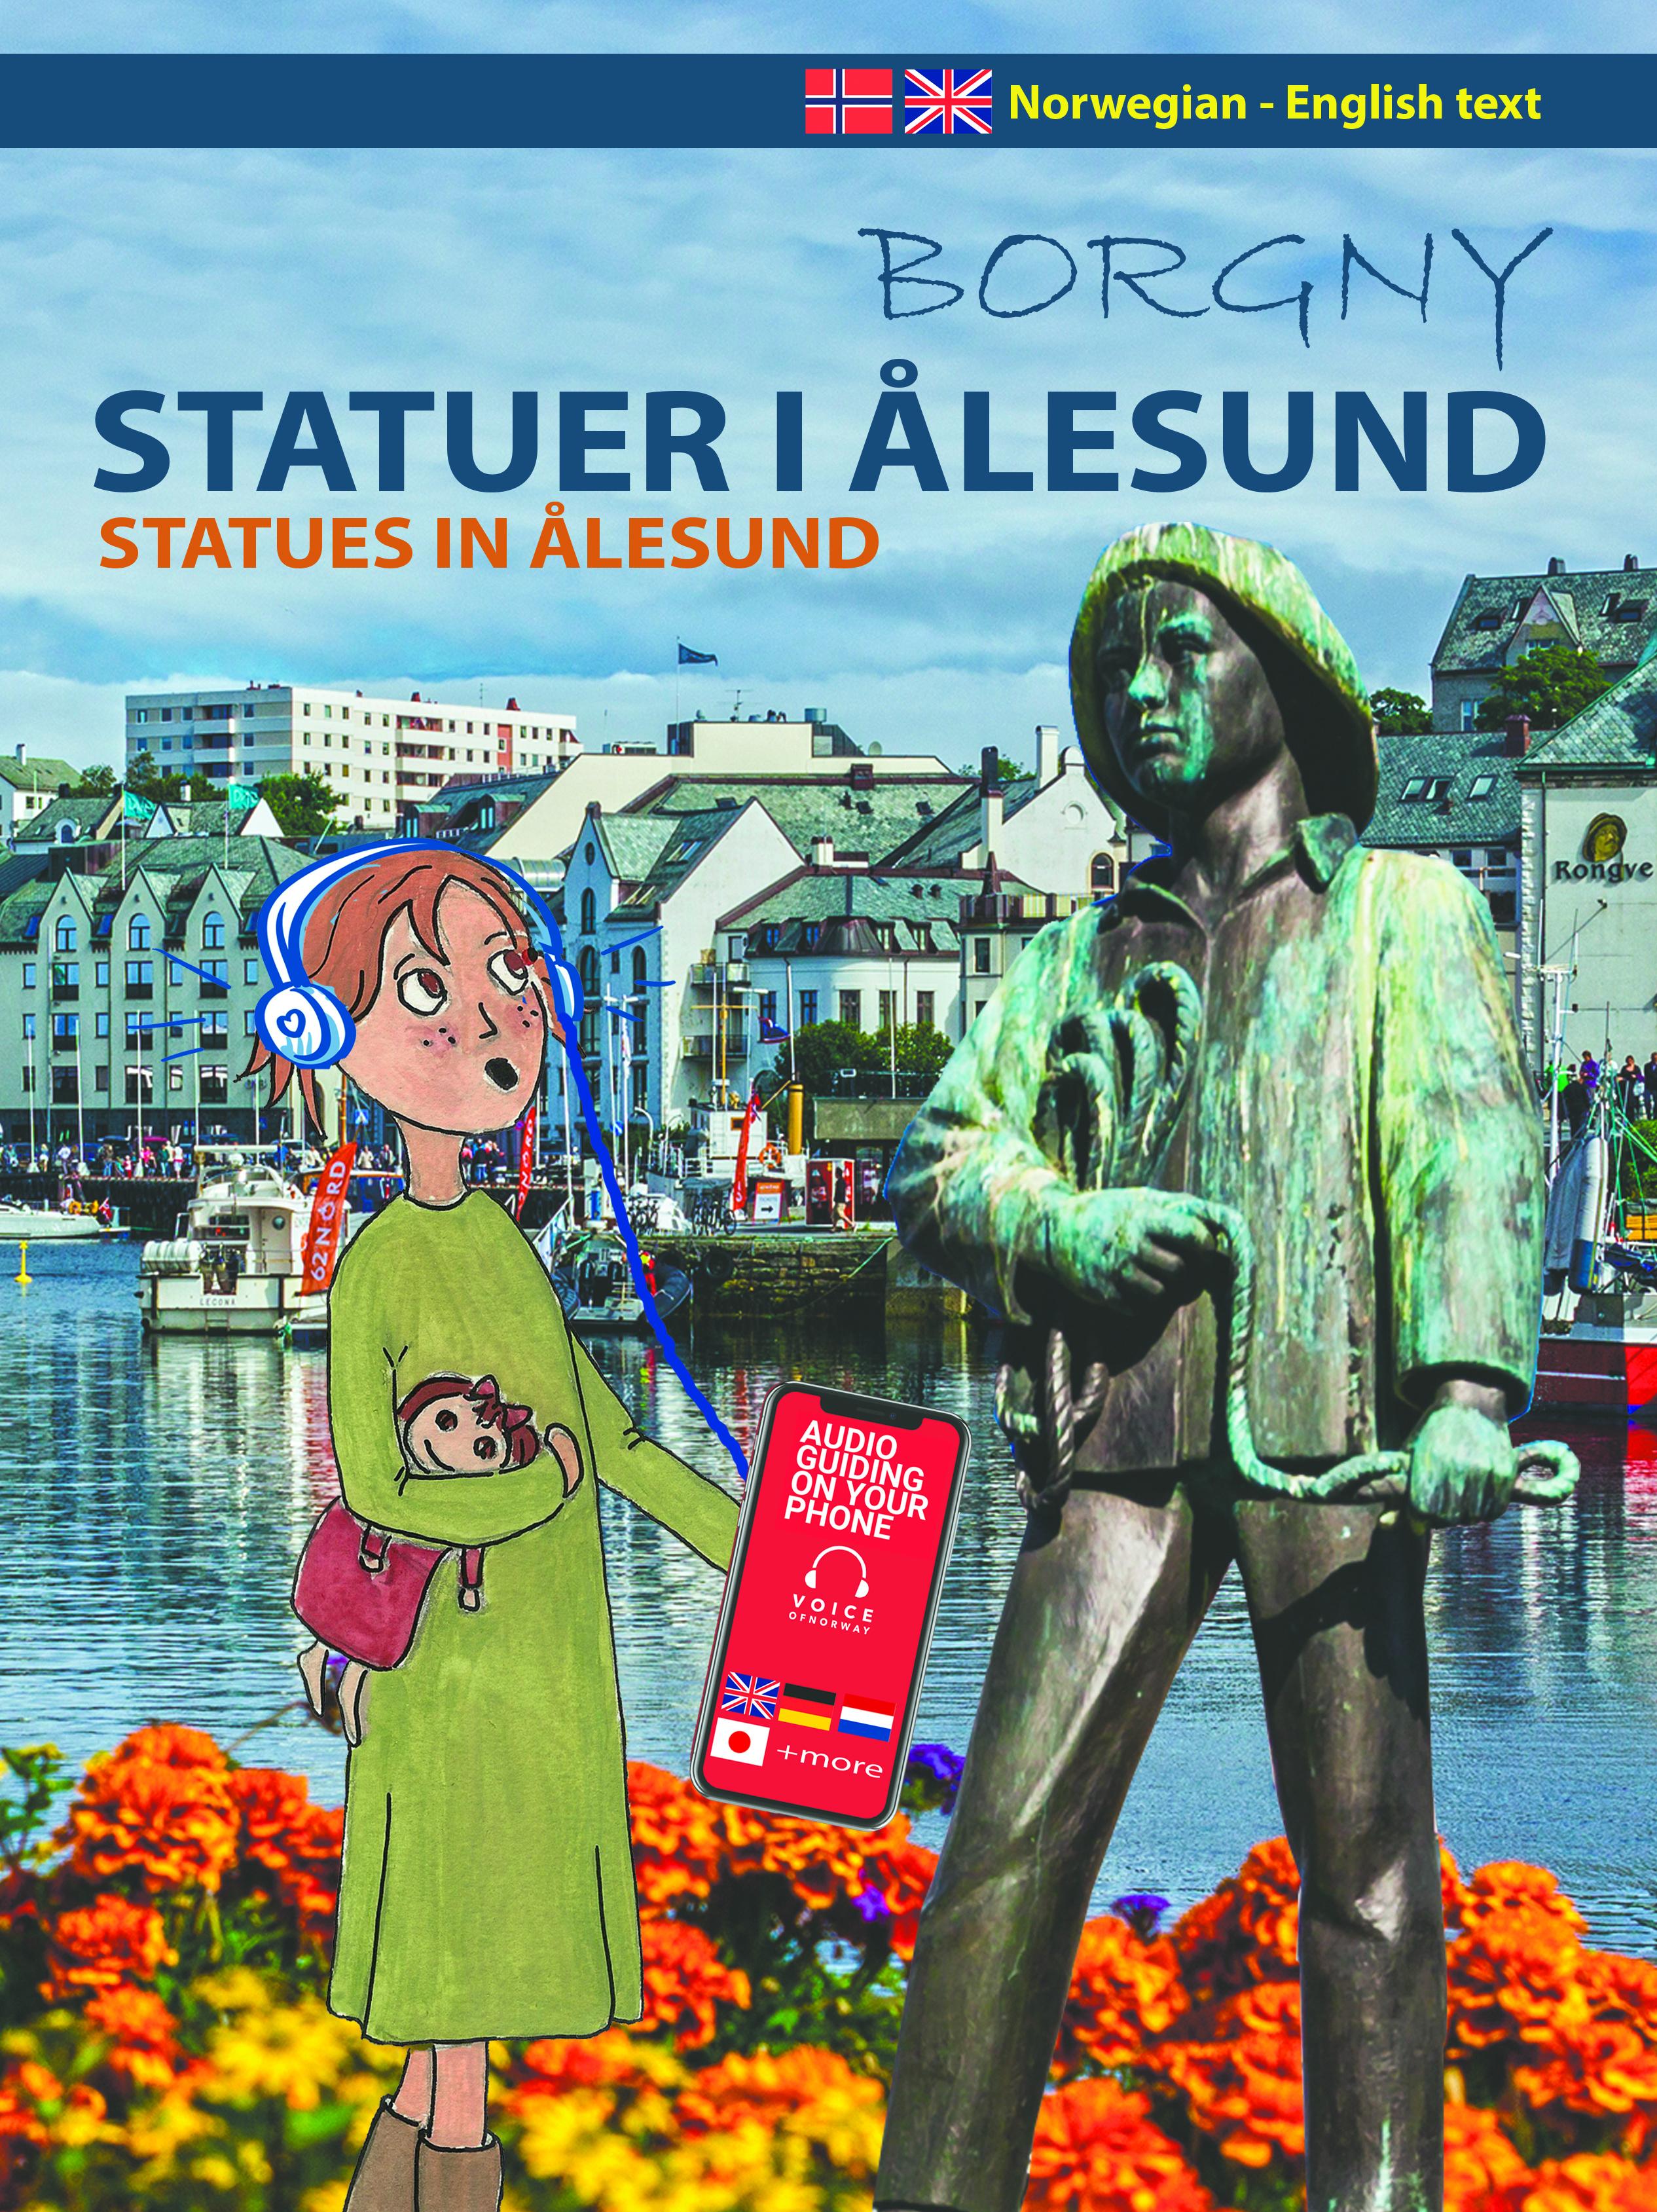 STATUER I ÅLESUND